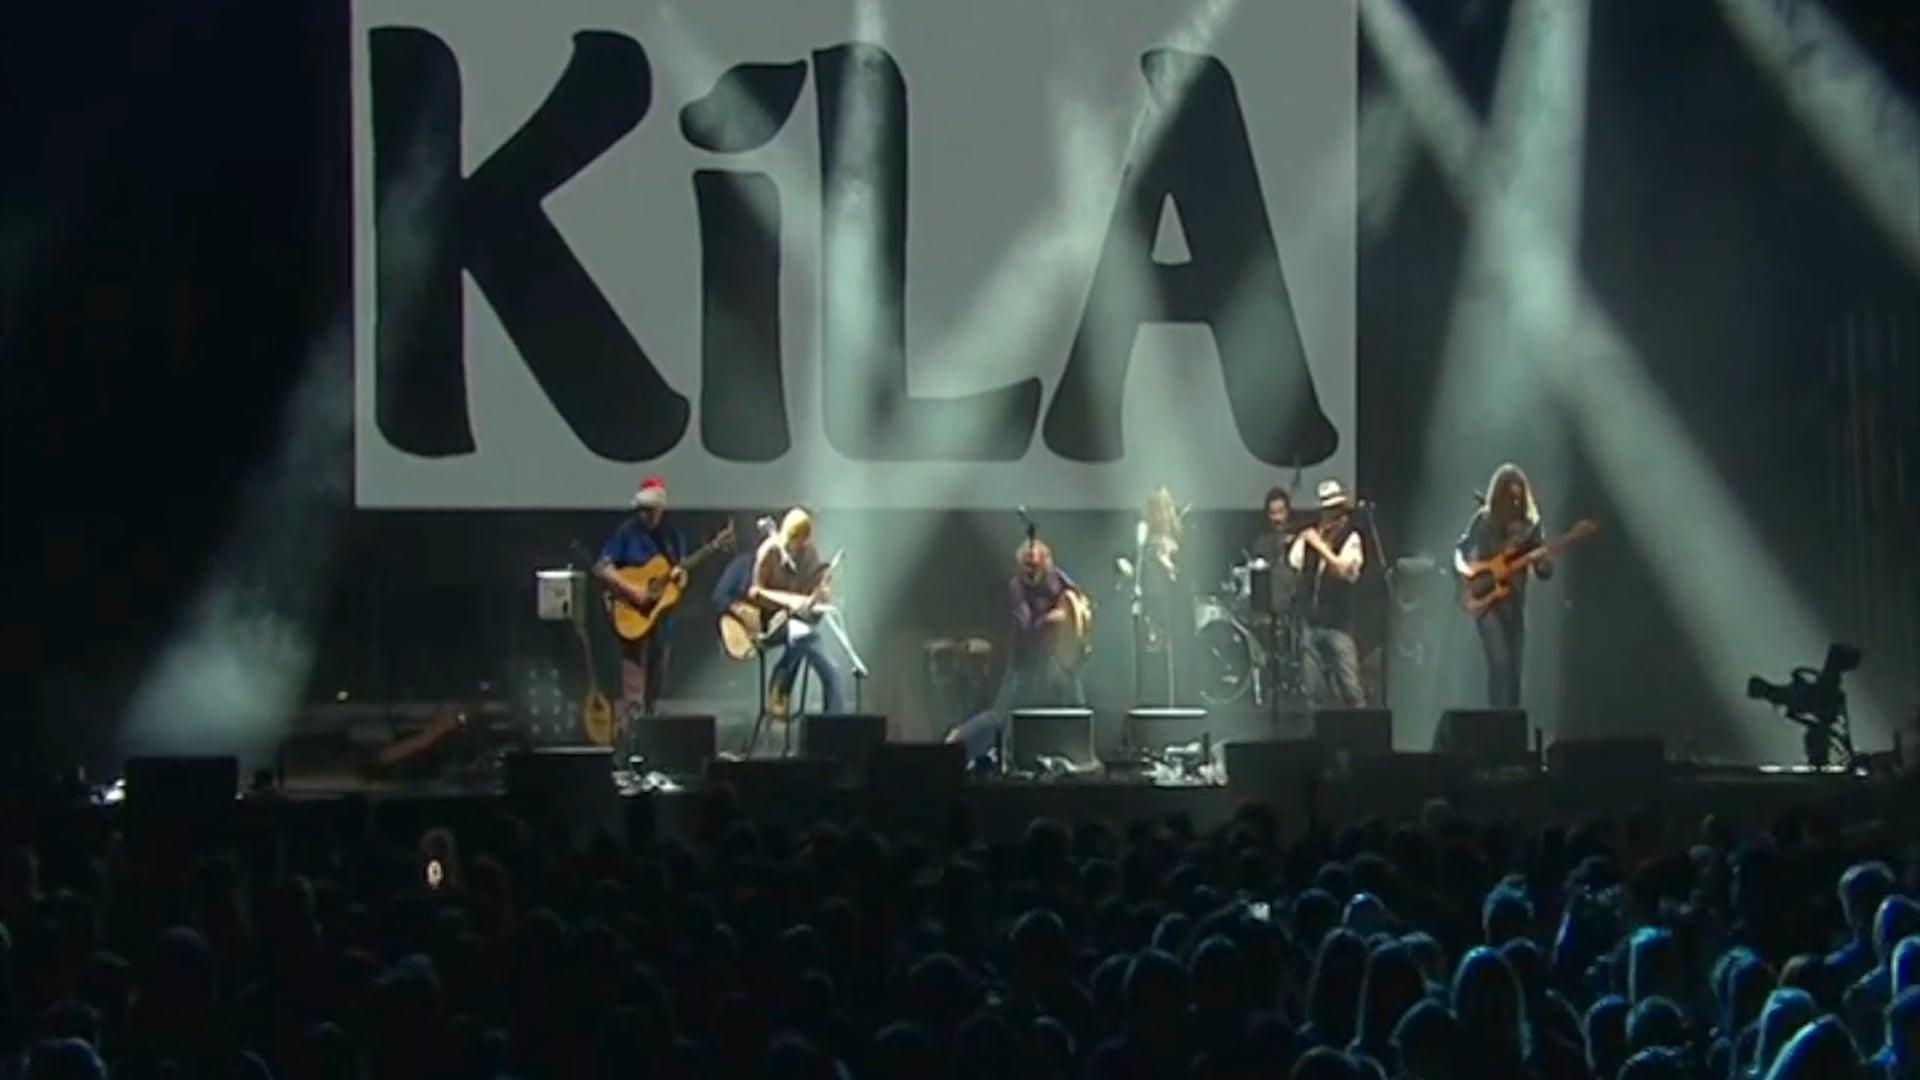 Kila Live 2016